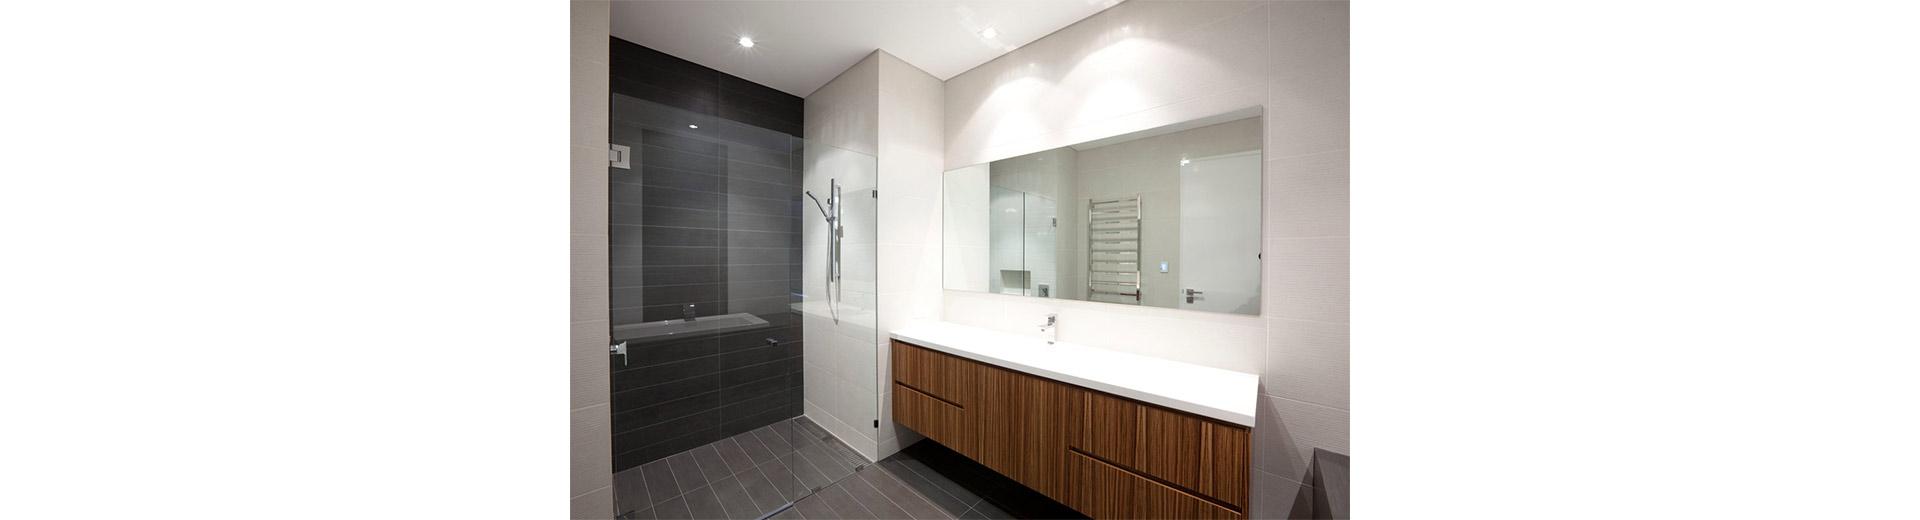 Slides-bathroom2